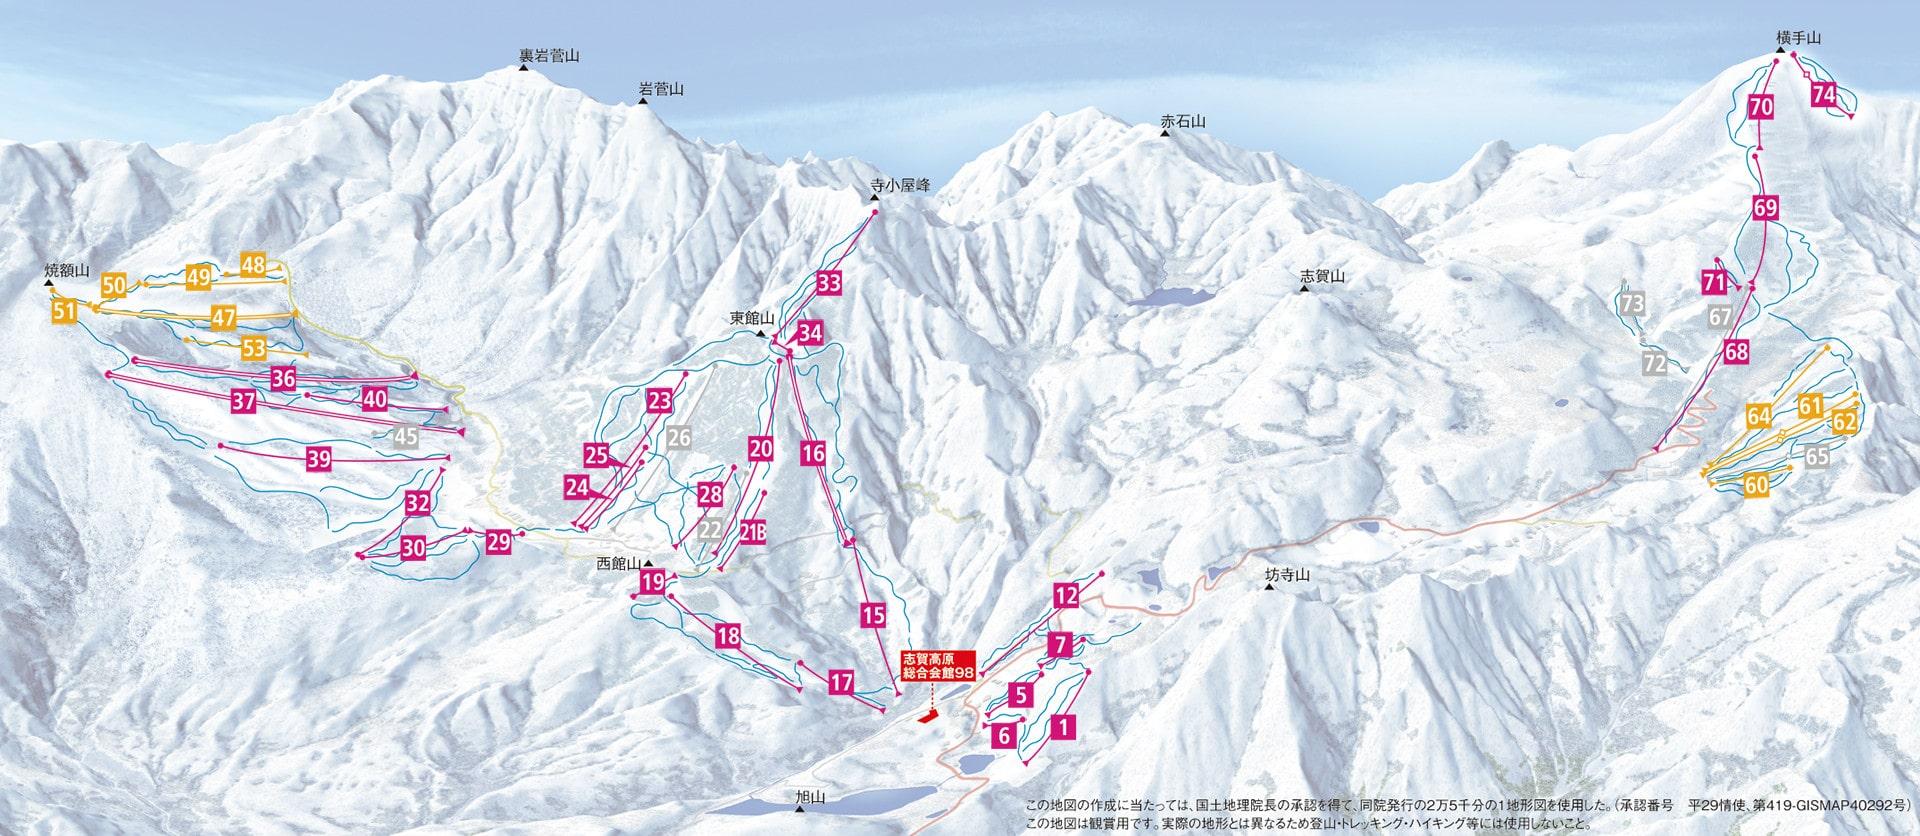 Shiga KogenYakebitaiyama Piste Map Trail Map High Res - Japan map full